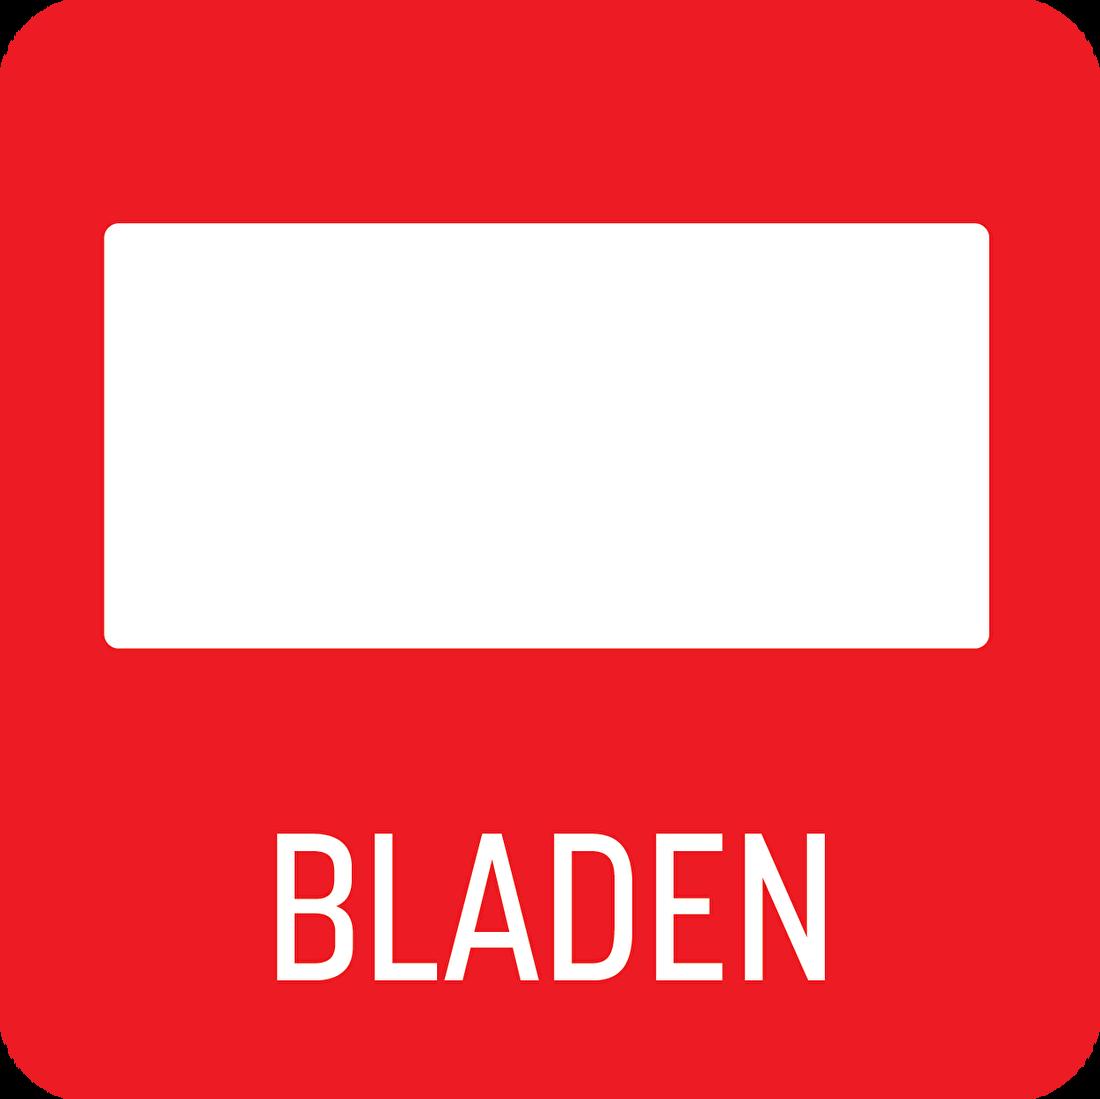 BLADEN